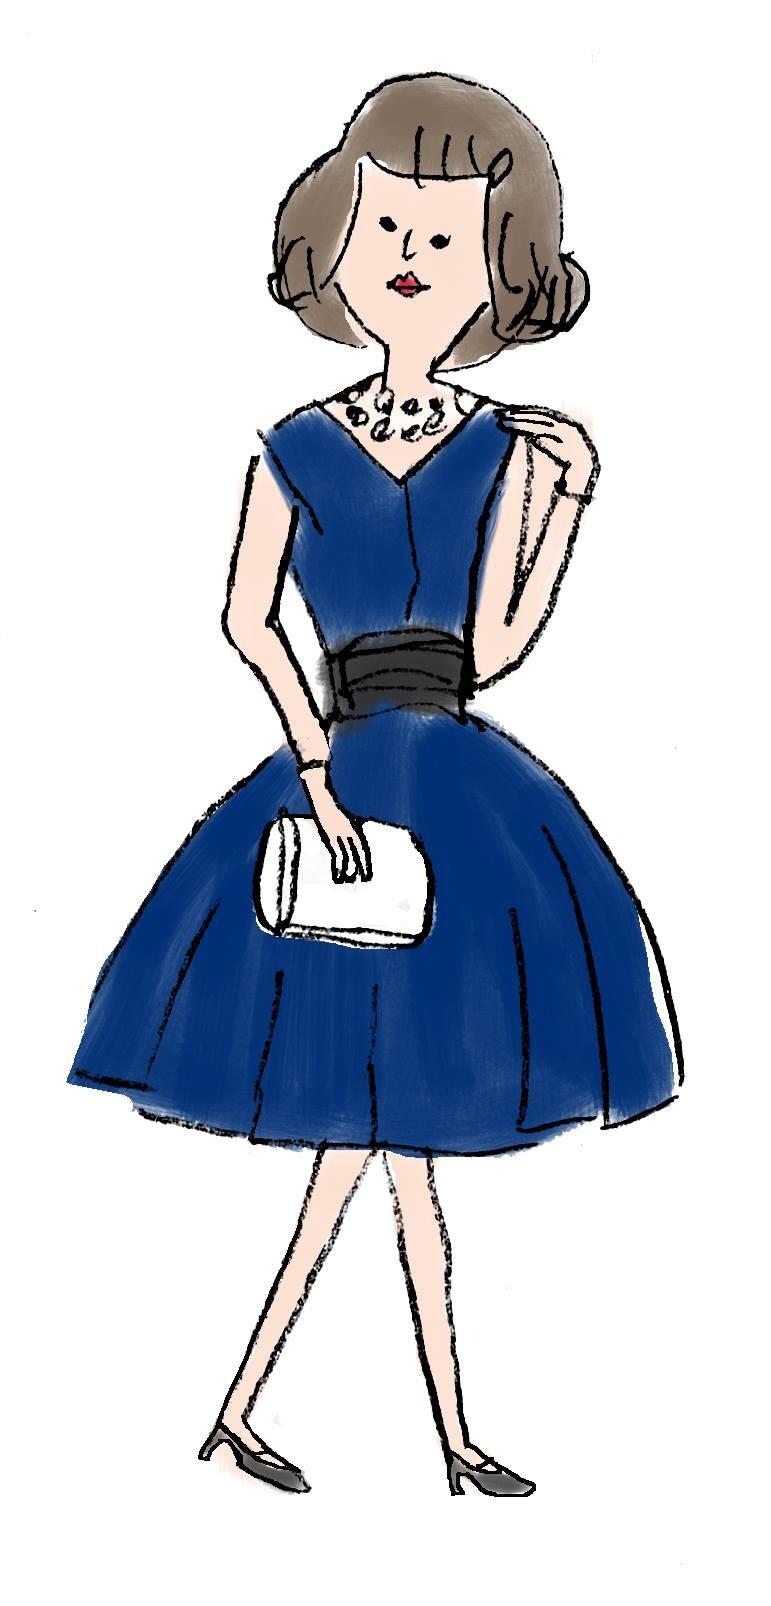 結婚式の服装 親族女性で既婚で洋装なら?コサージュ&アクセサリー